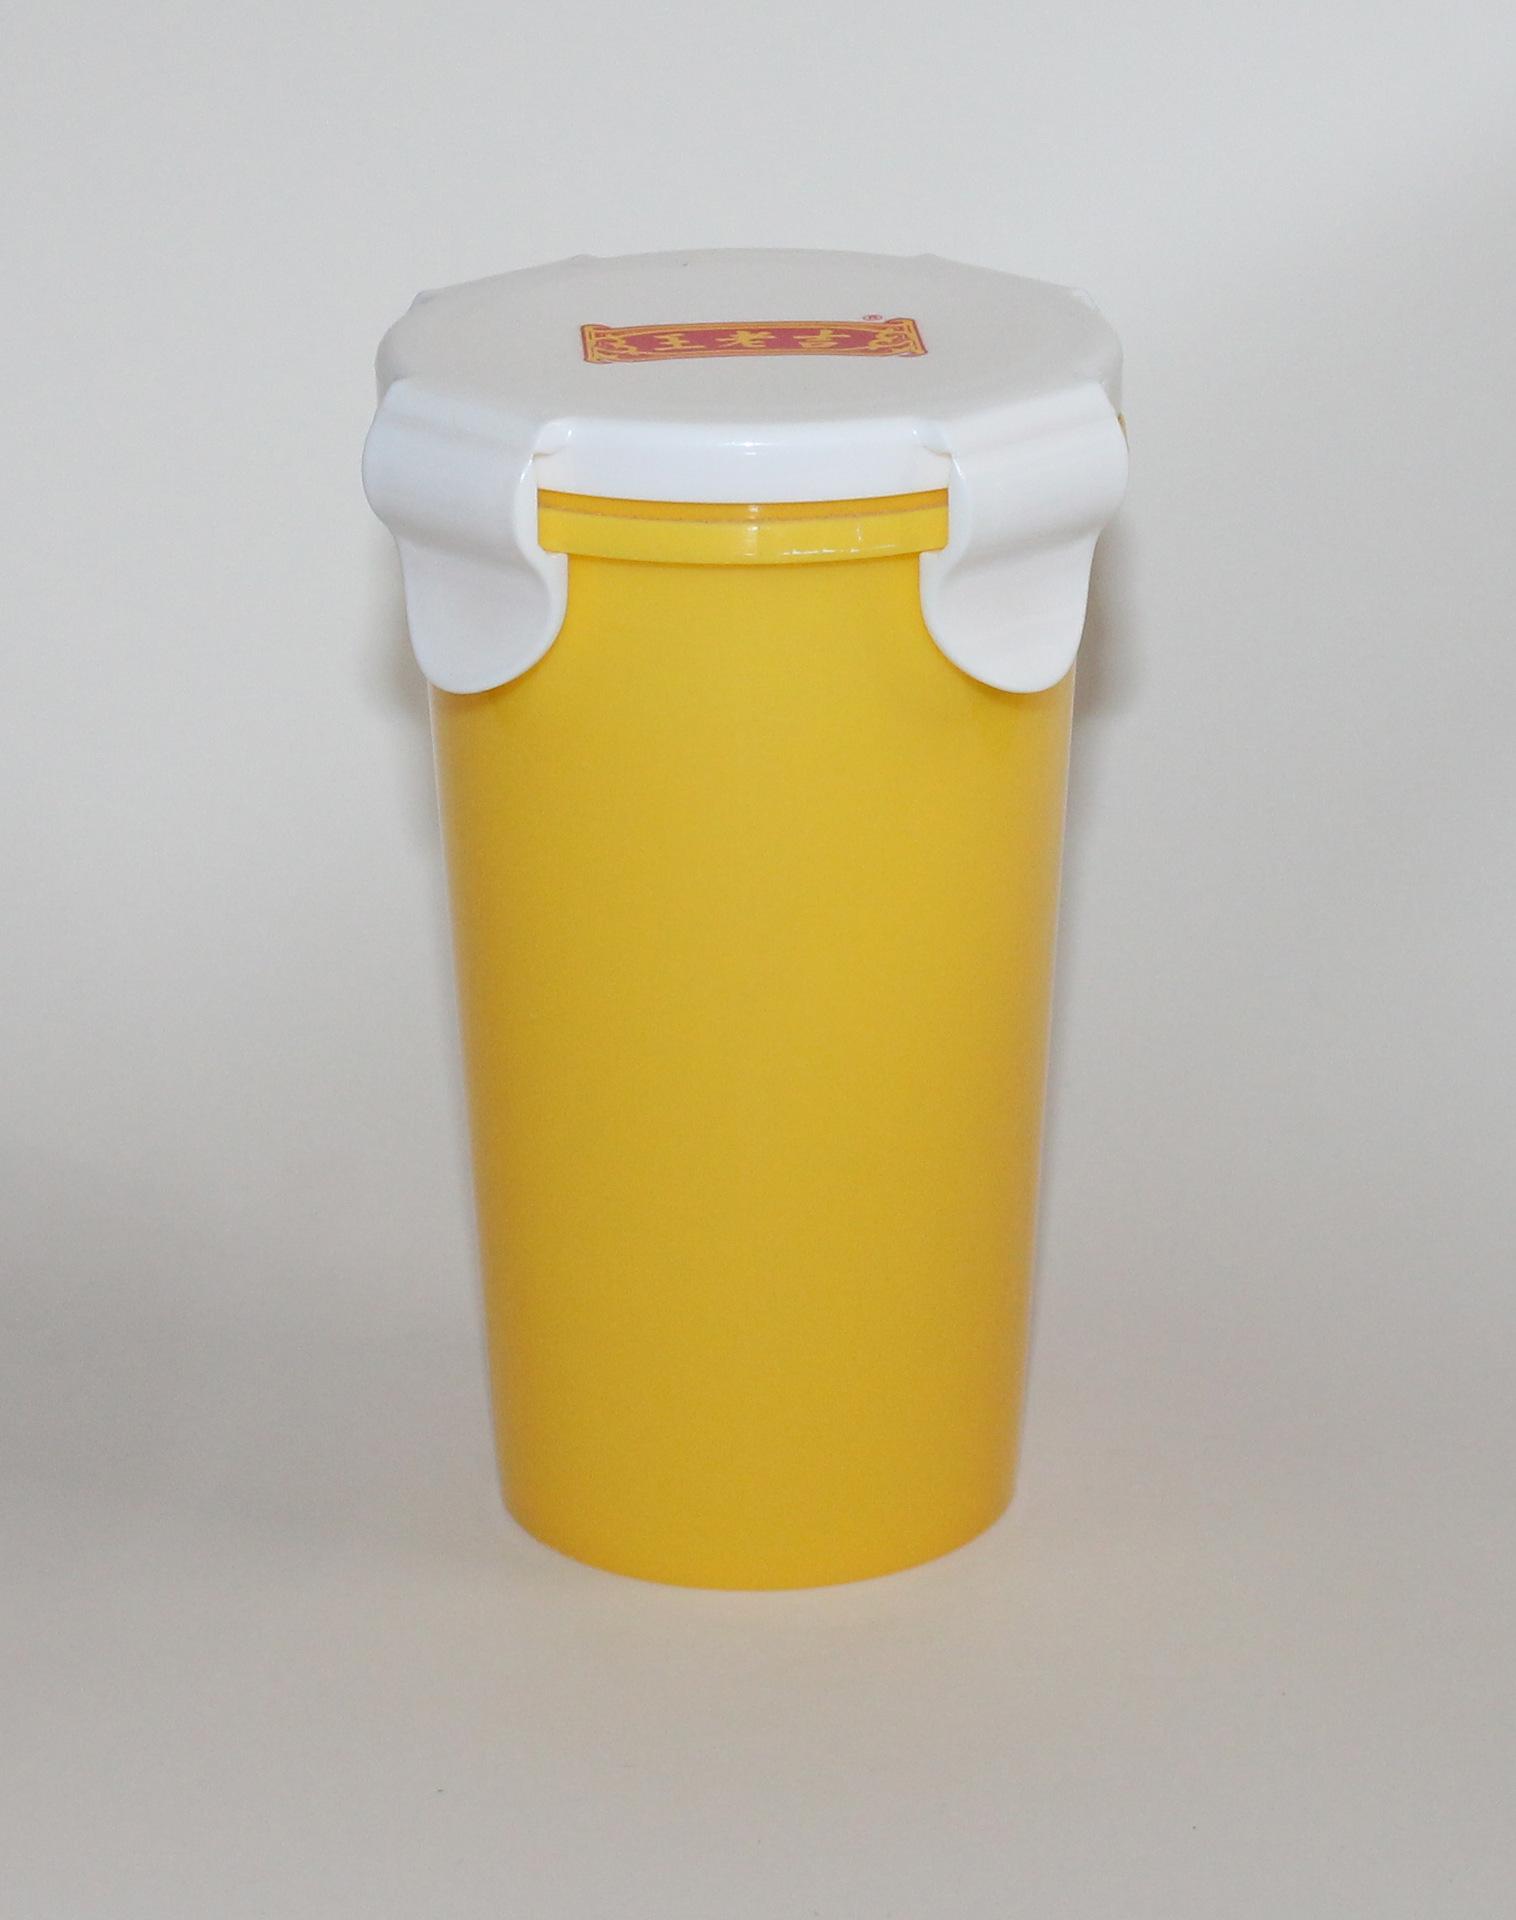 塑料杯 广告杯 密封水杯 定制logo 礼品杯 PP杯